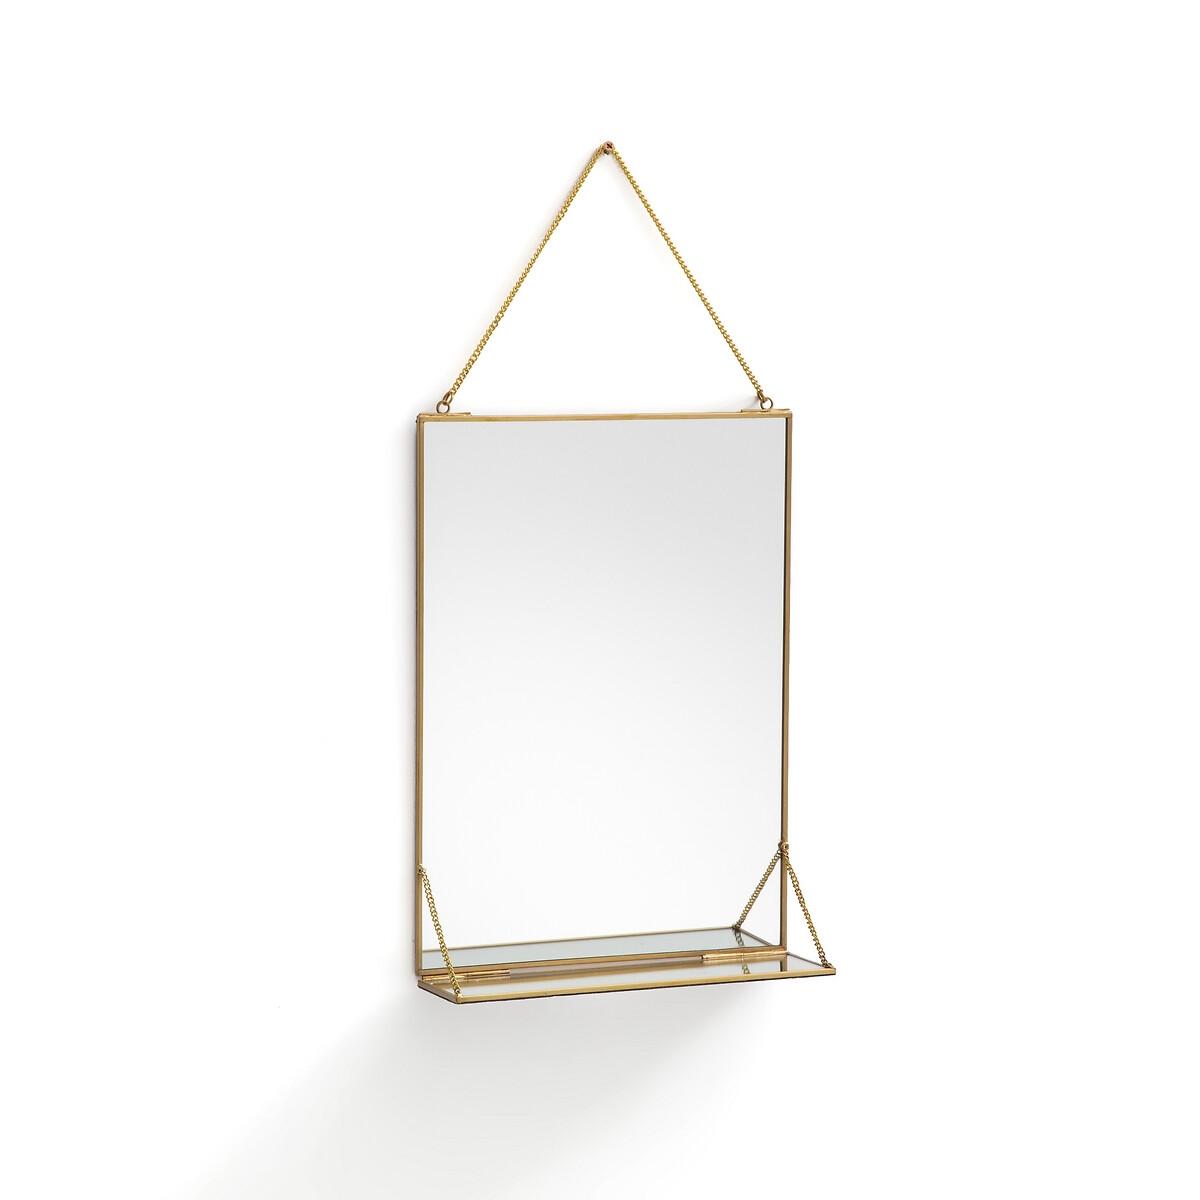 Зеркало La Redoute Прямоугольное с полкой Uyova единый размер желтый зеркало la redoute прямоугольное д x в см barbier единый размер другие